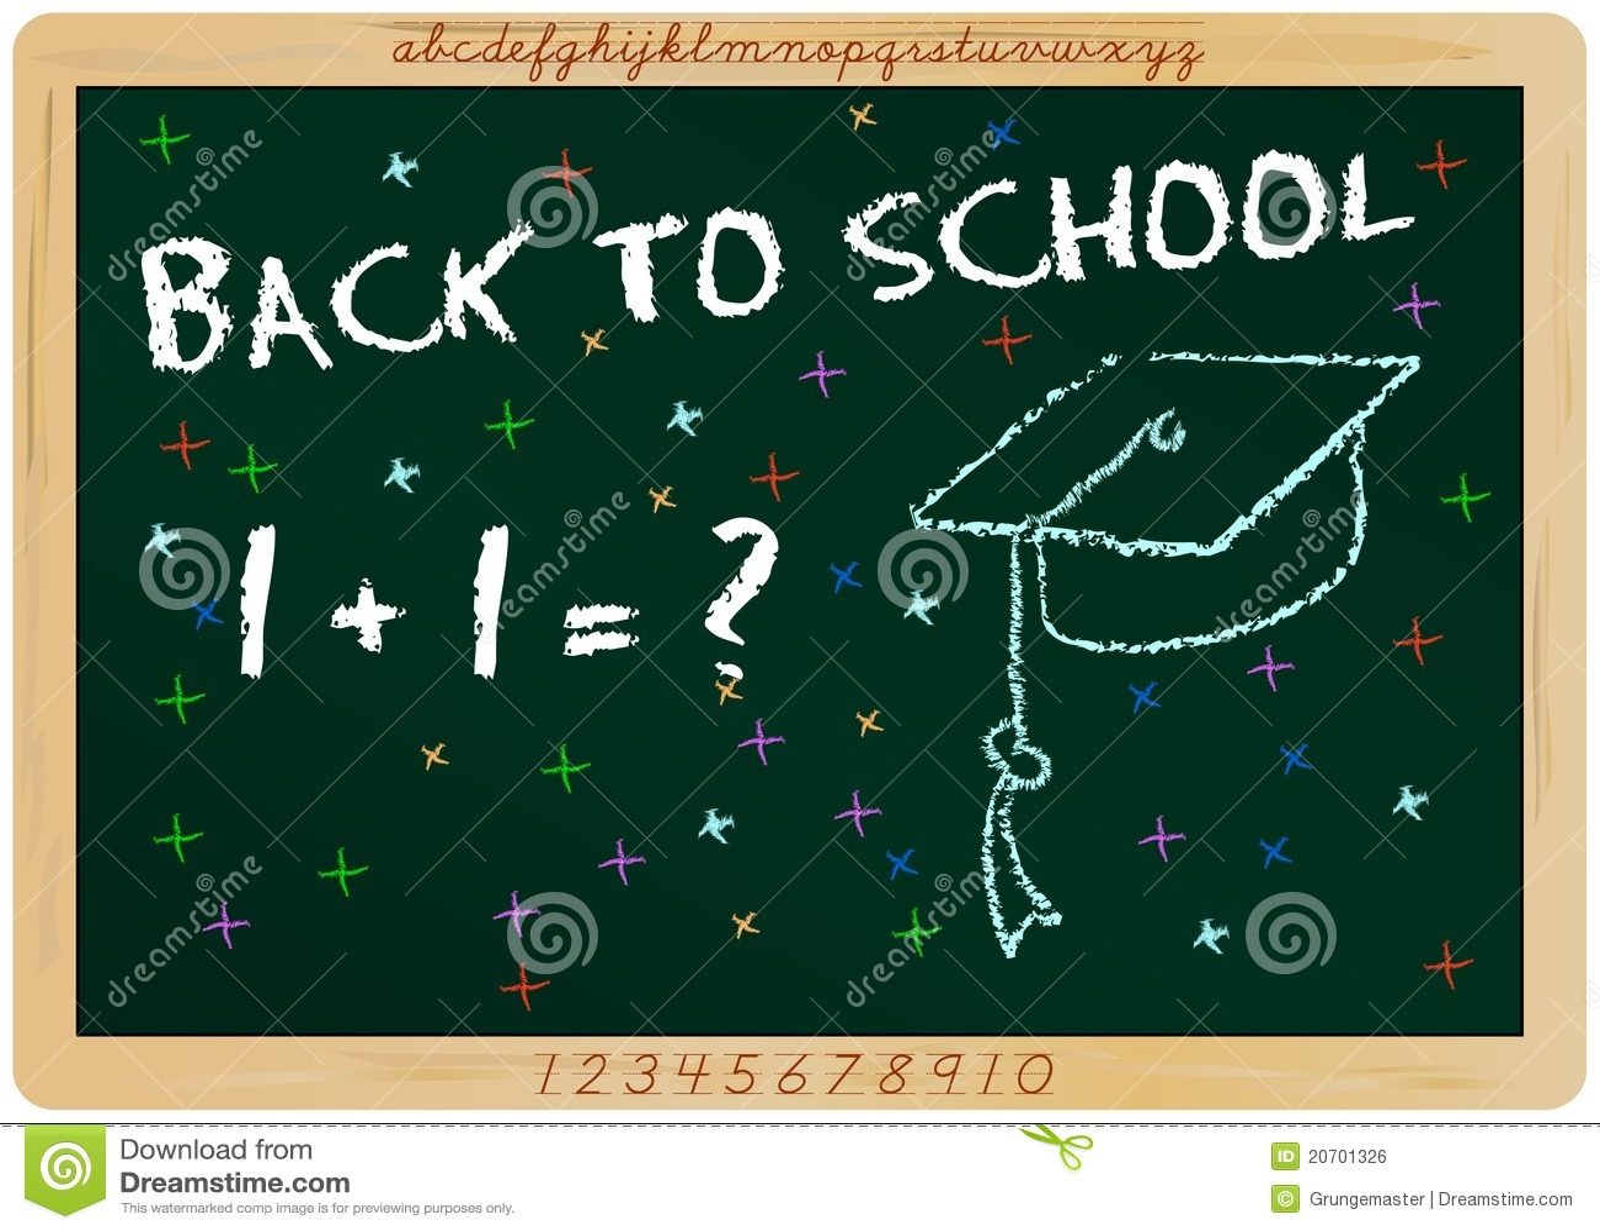 Backt à escola